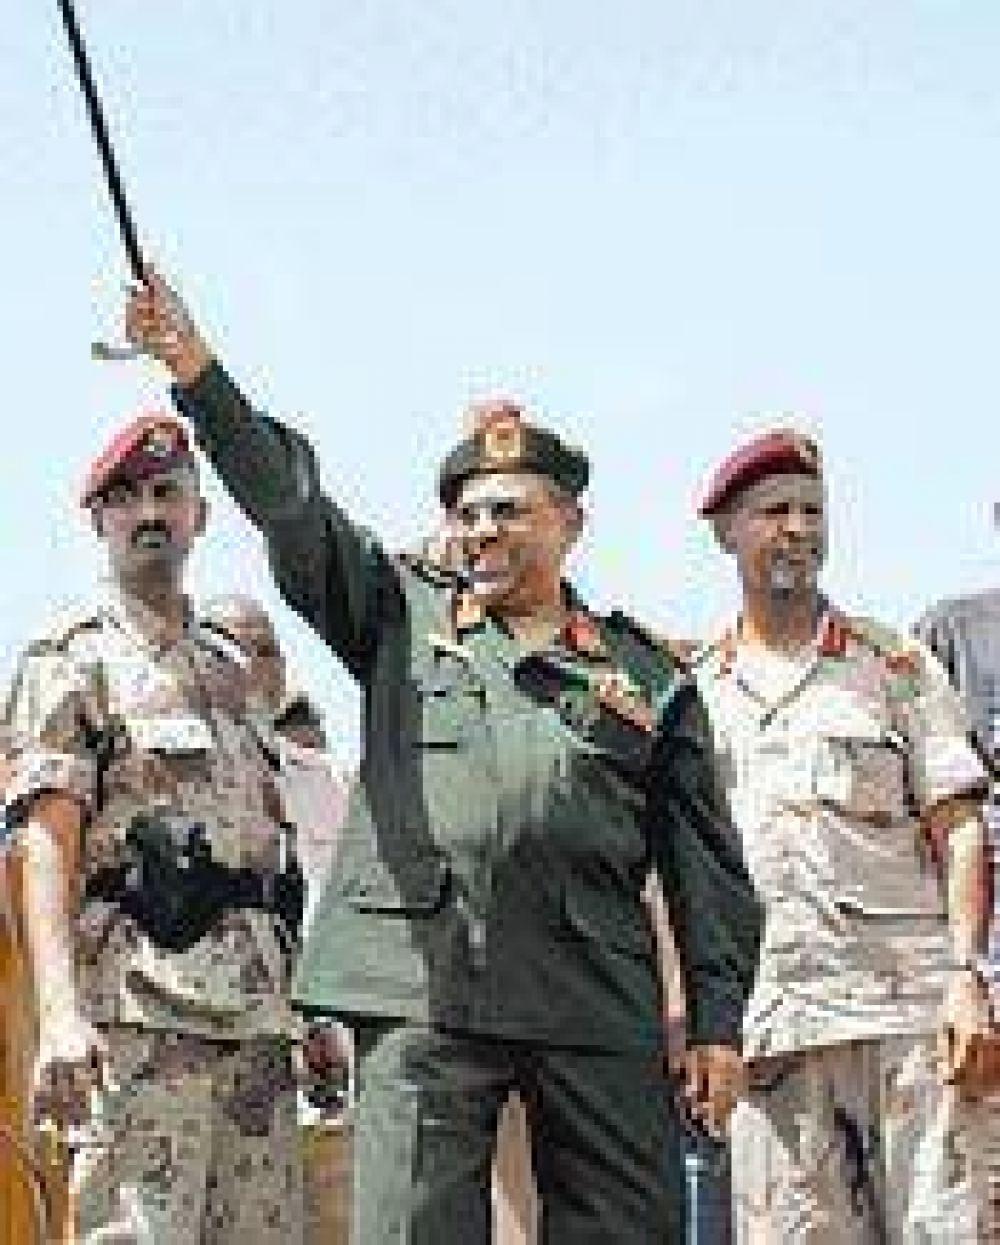 Afirman que la fuerza aérea israelí bombardeó Sudán en enero pasado